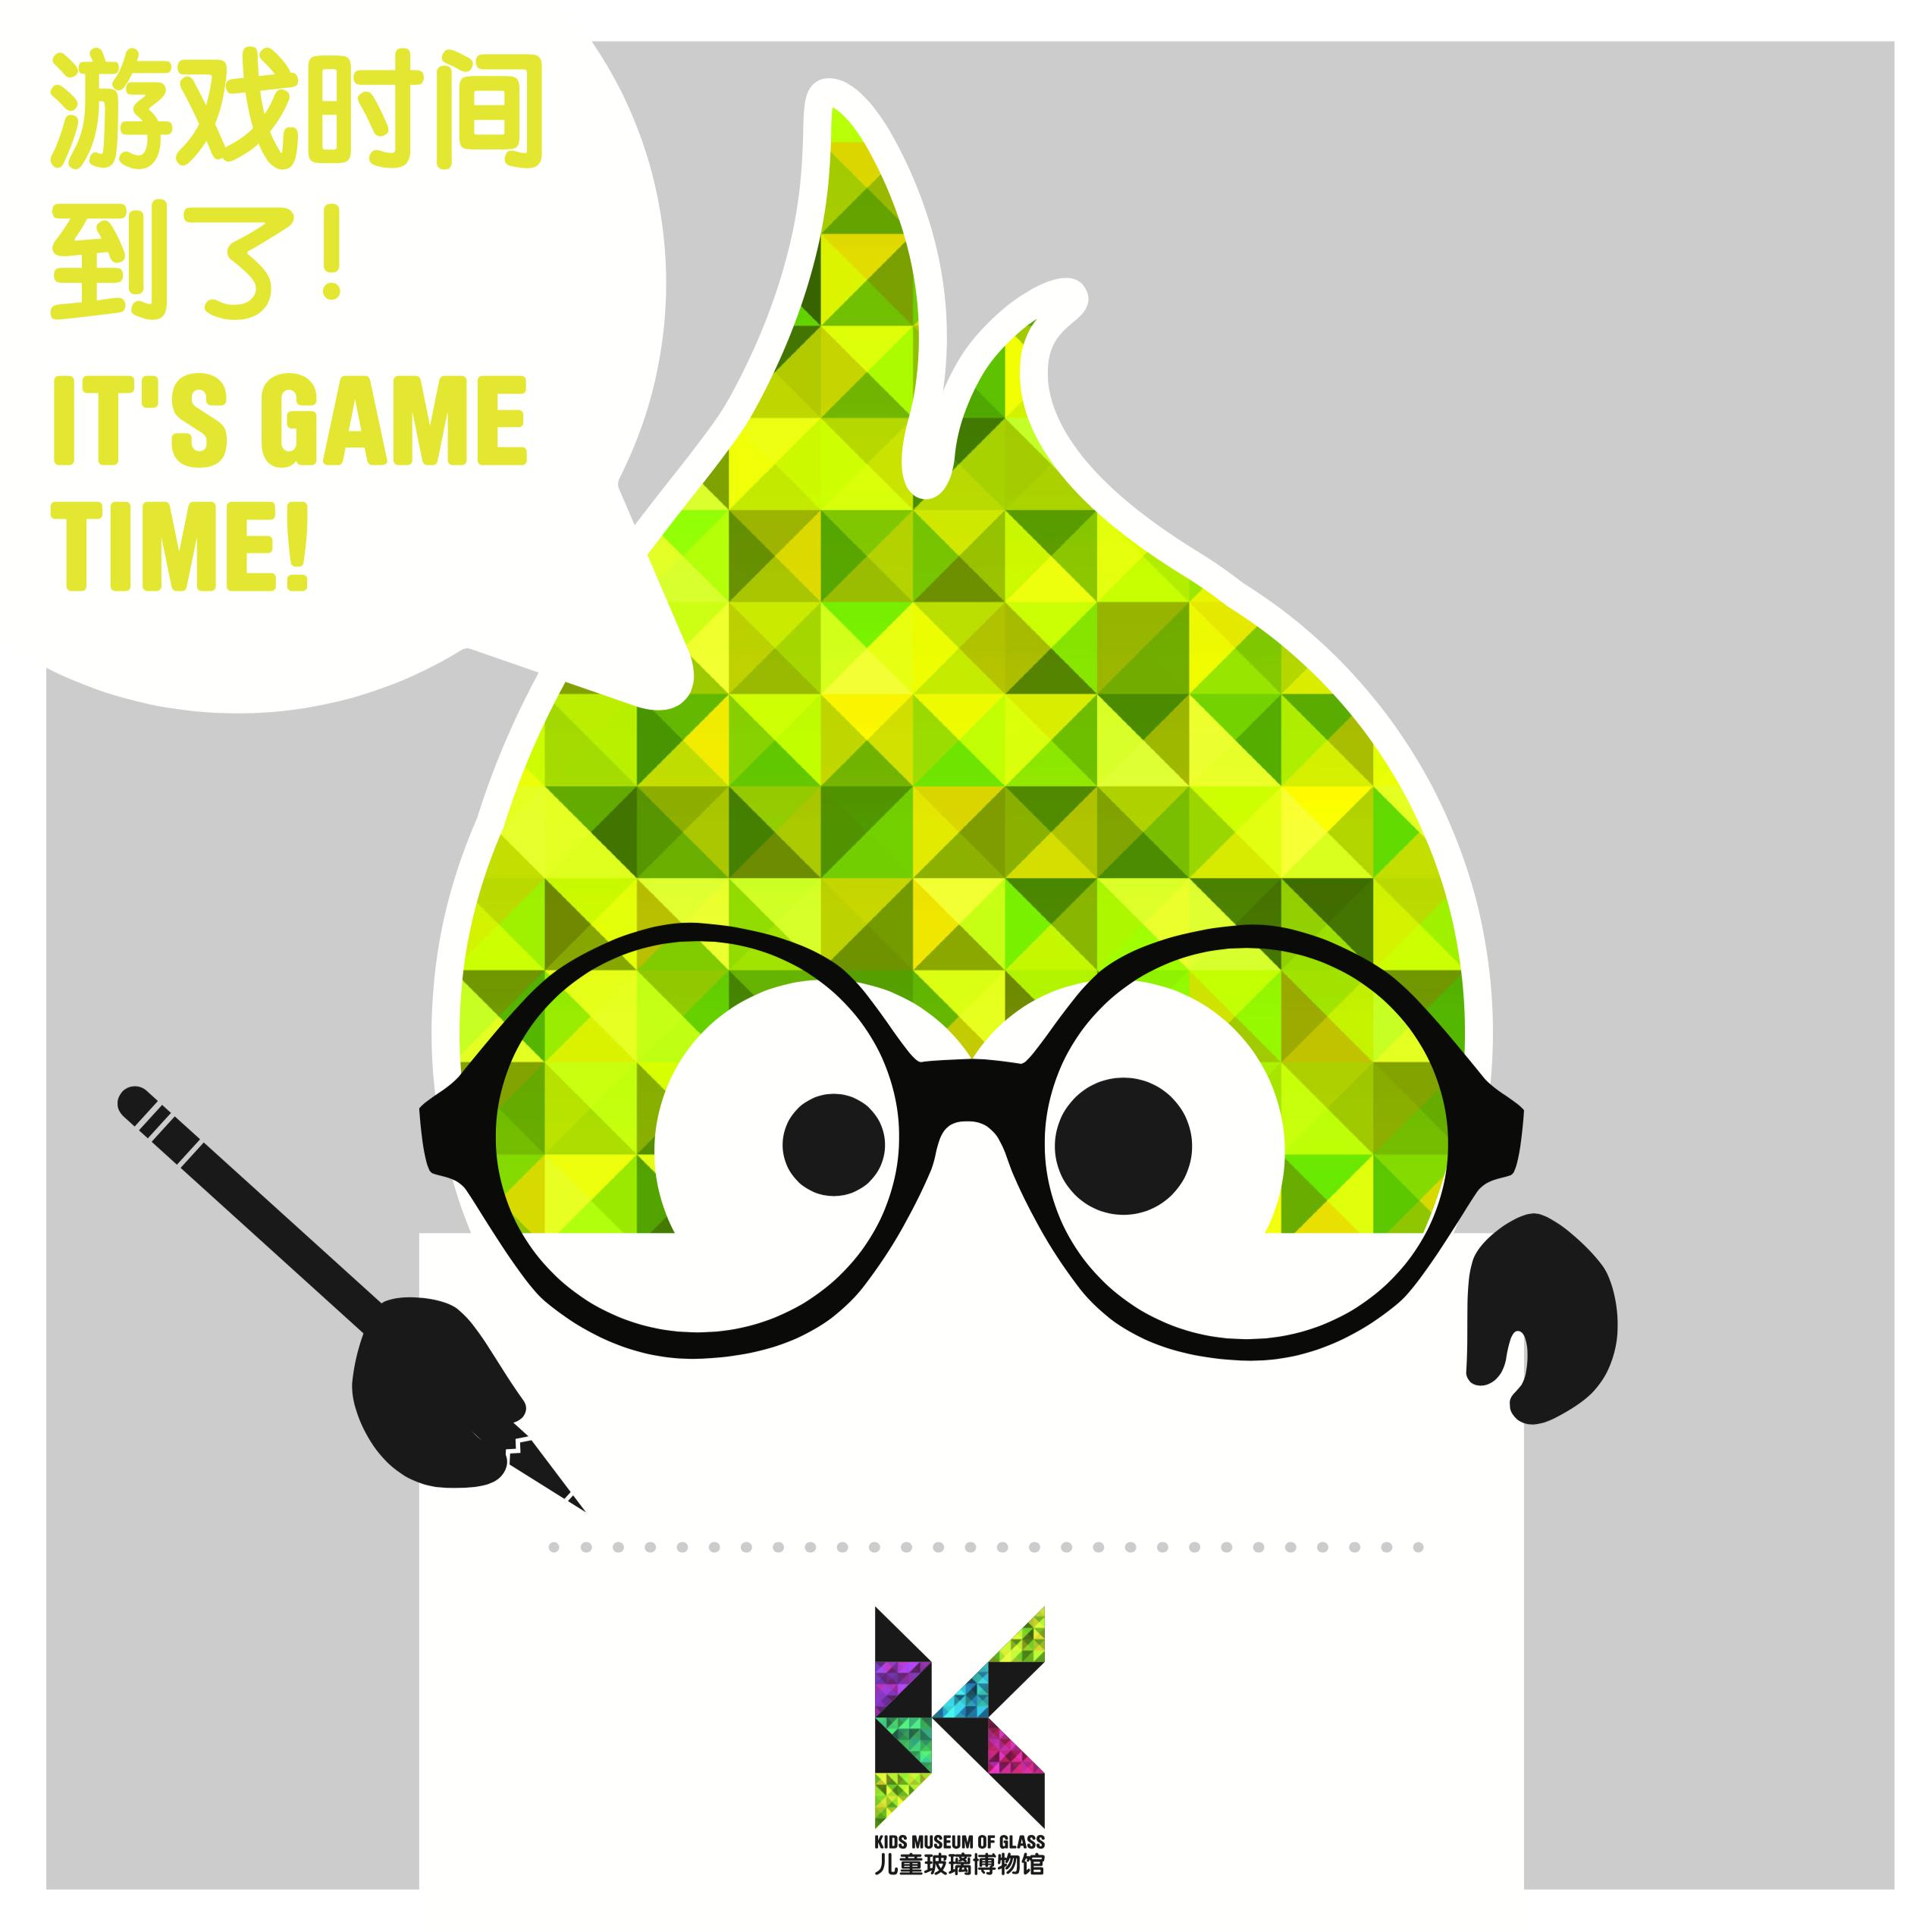 儿童玻璃博物馆 – 乐游互动手册 KIDS MUSEUM OF GLASS GAME BOOK